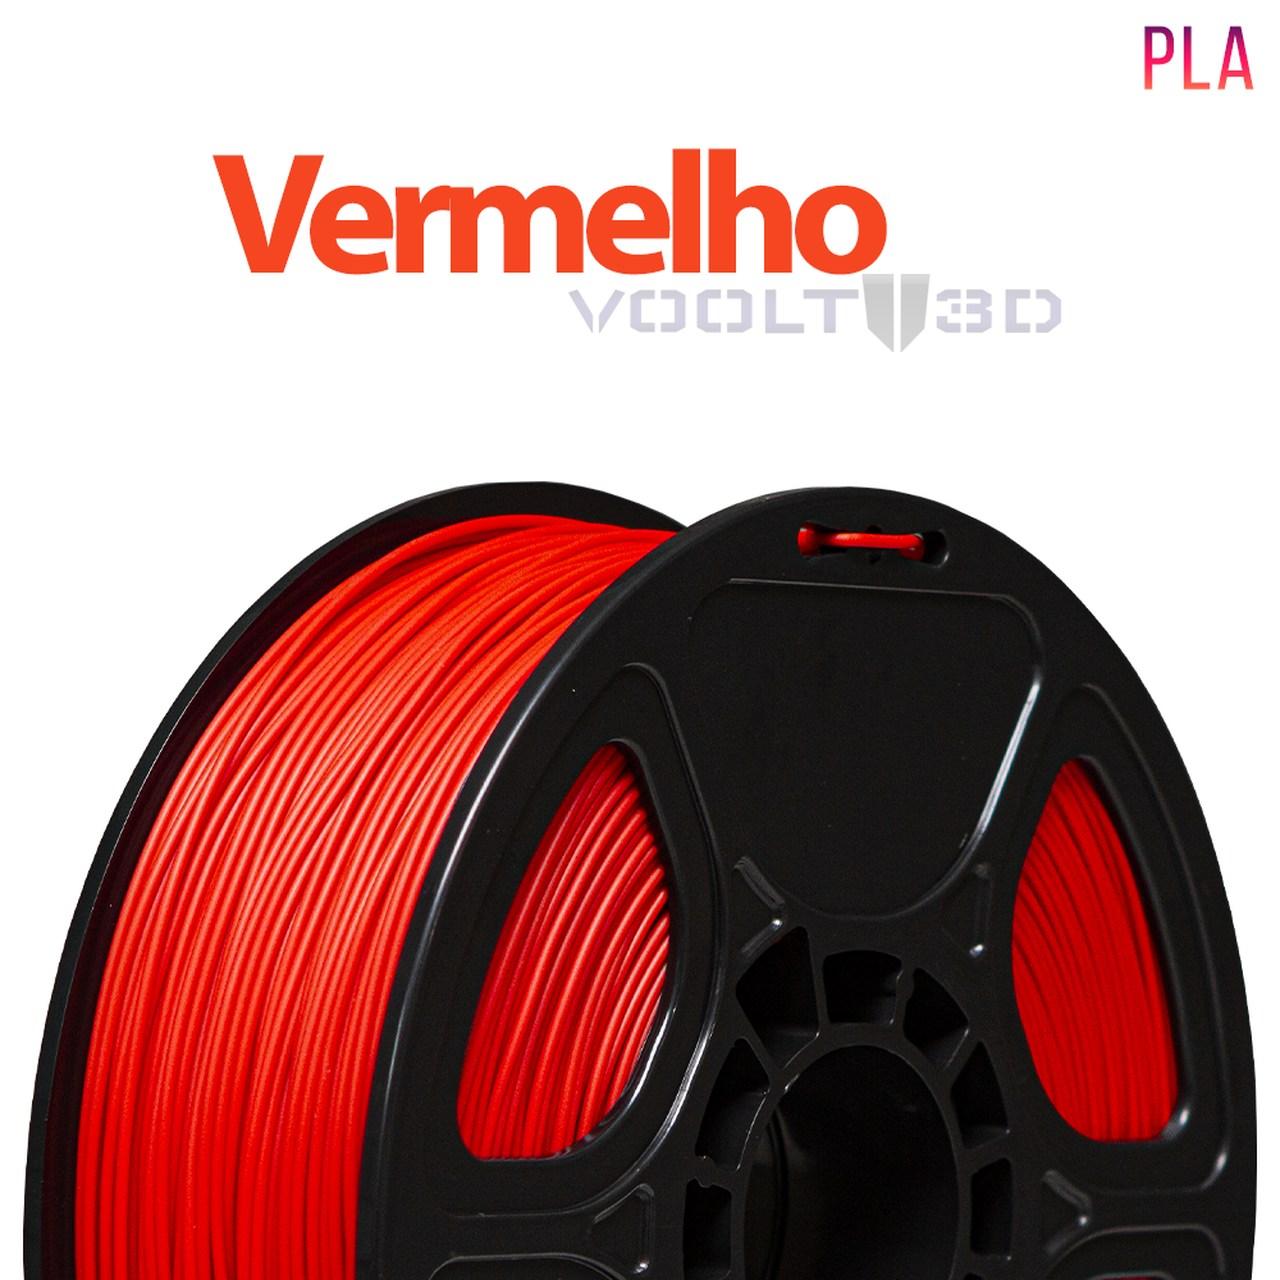 Filamento PLA - Vermelho - Voolt - 1.75mm - 1kg